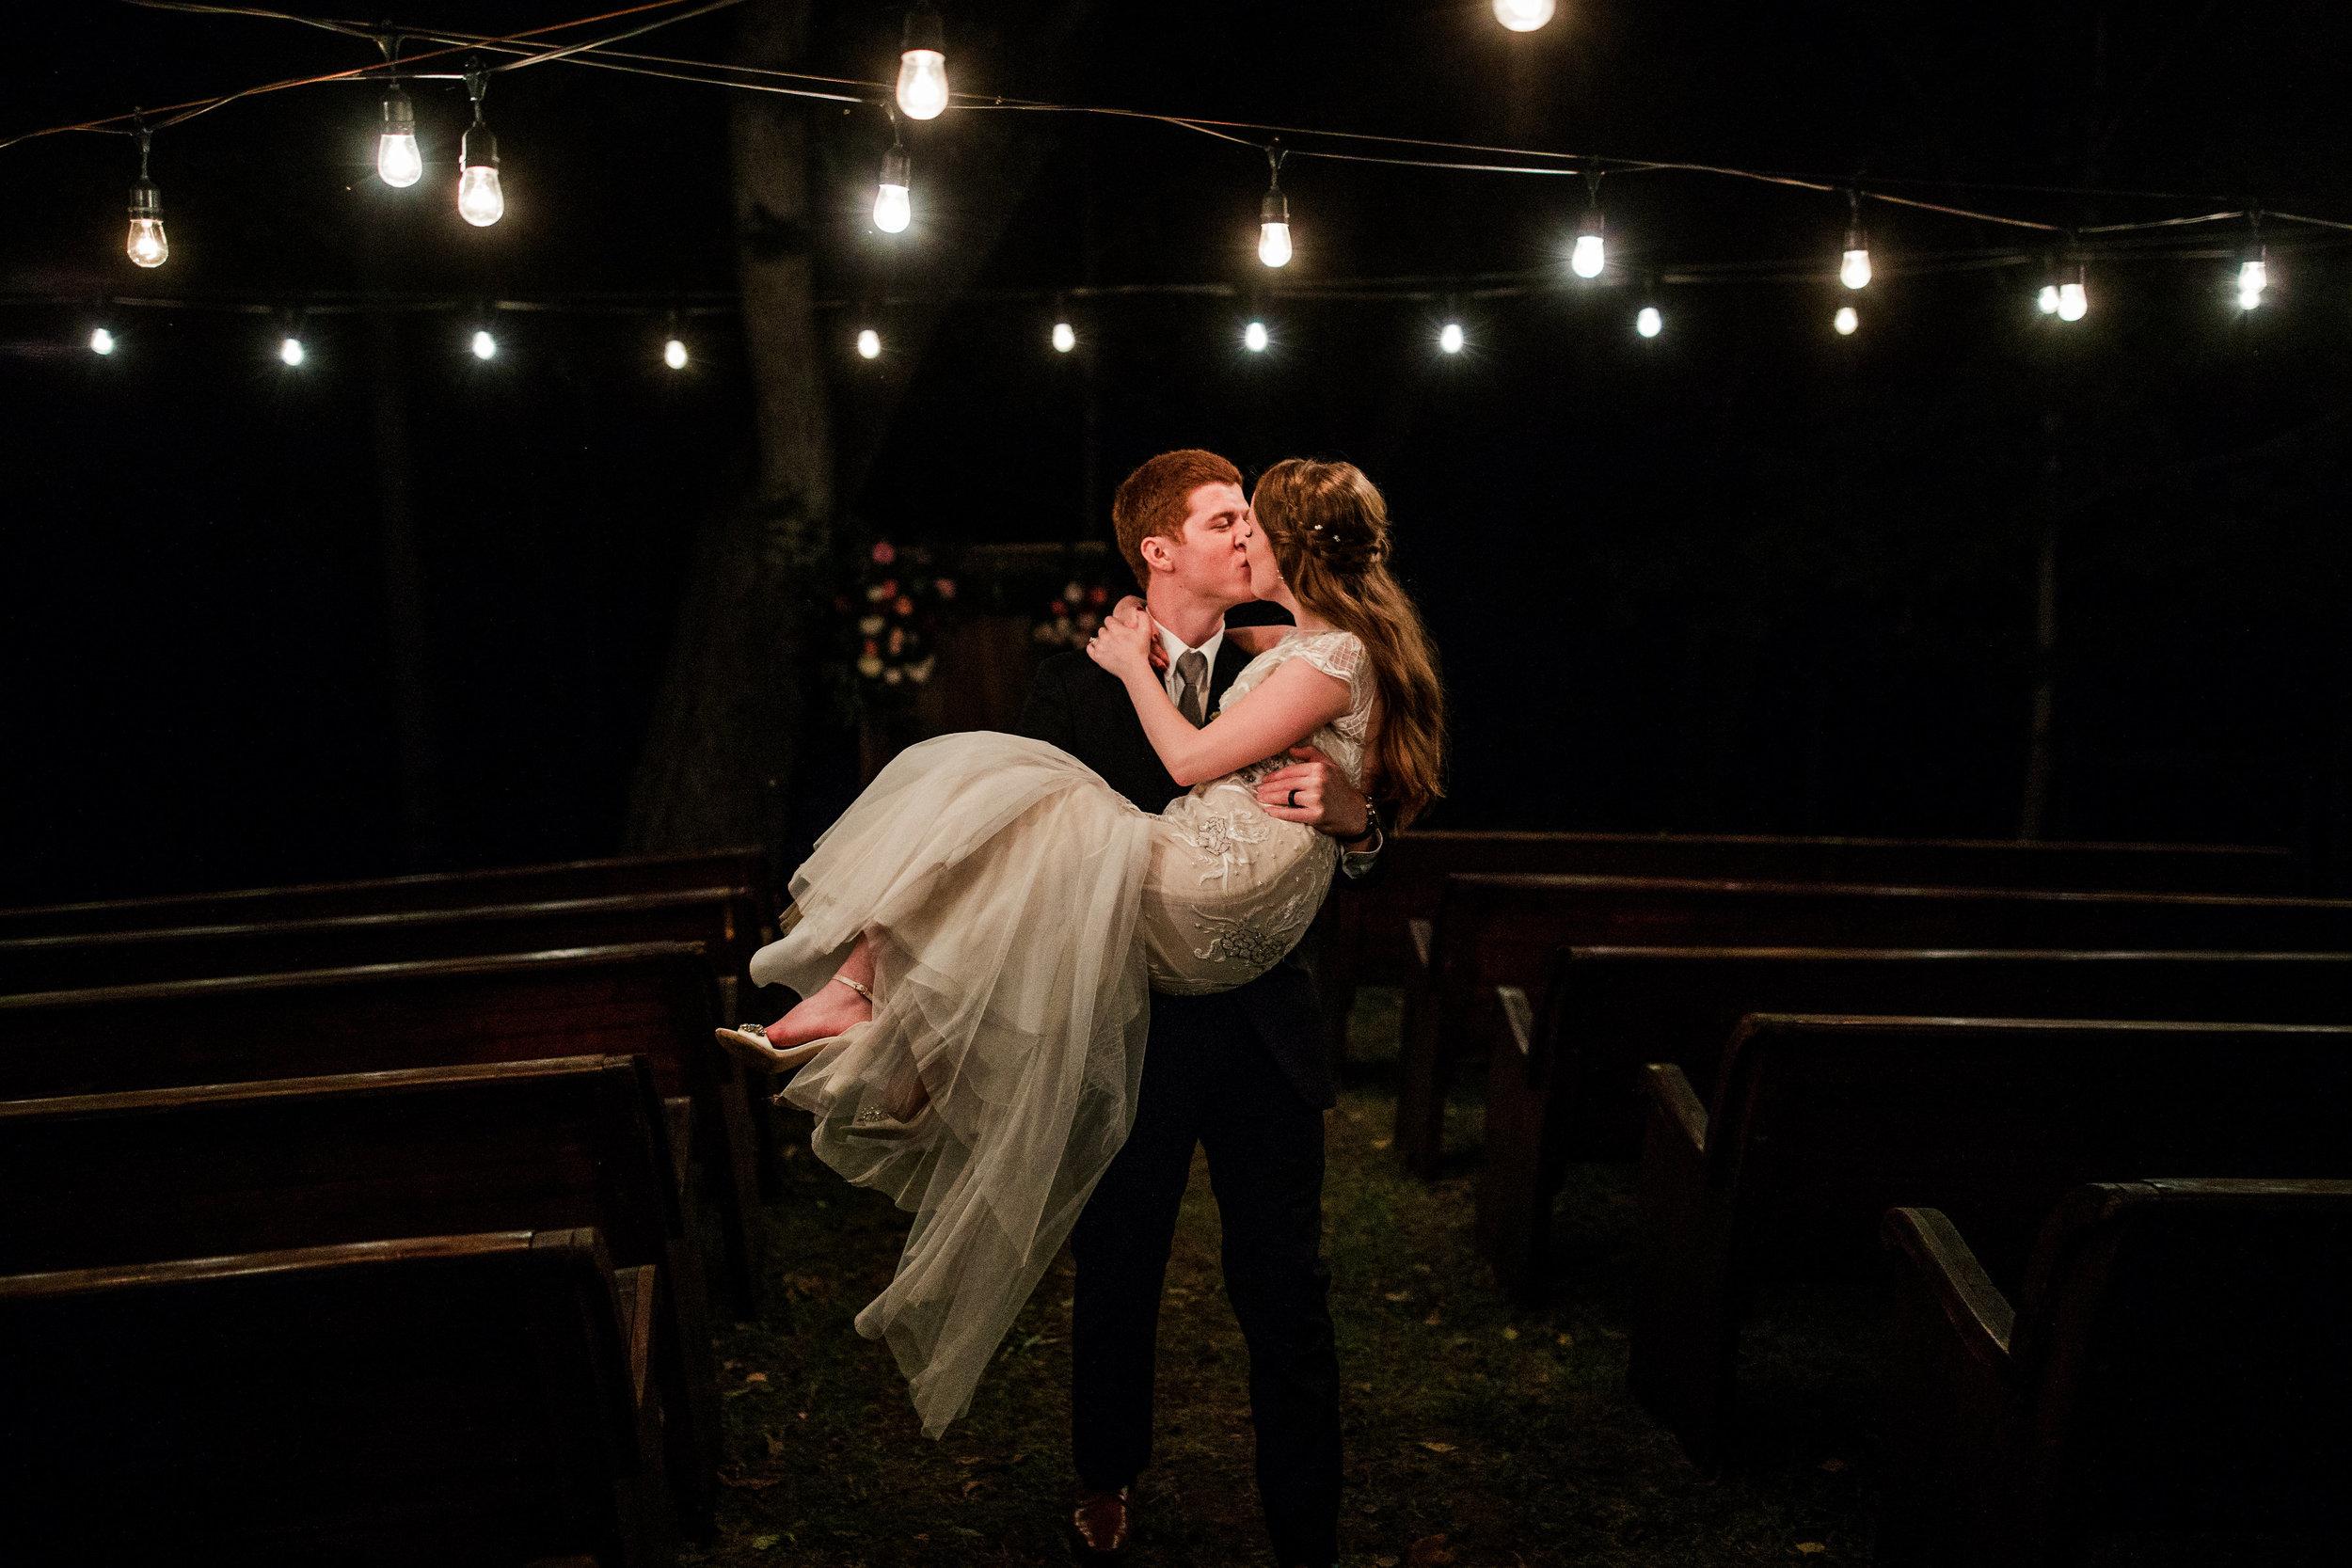 Wrens-Nest-Wedding-Murfreesboro-TN 58.jpg